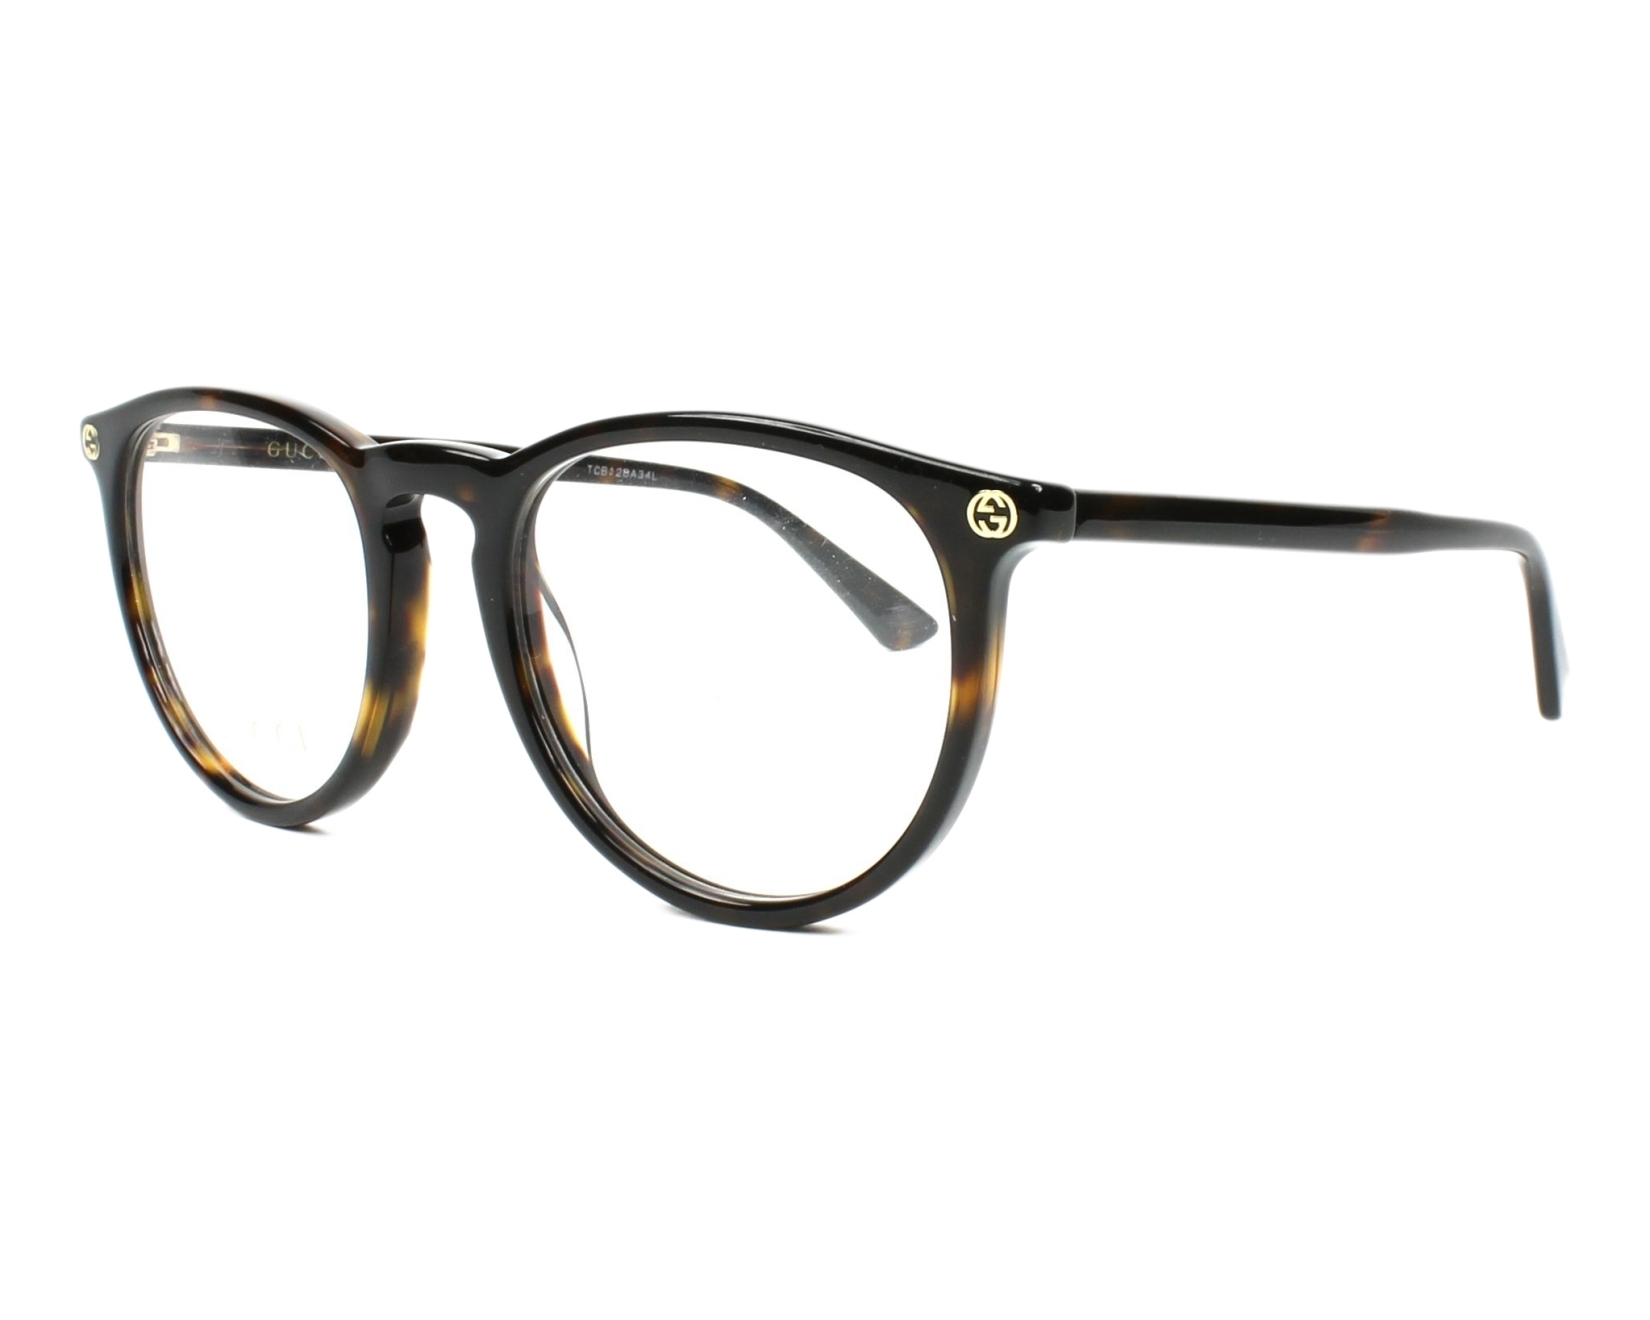 Gucci Pida gafas baratas en línea en Visionet